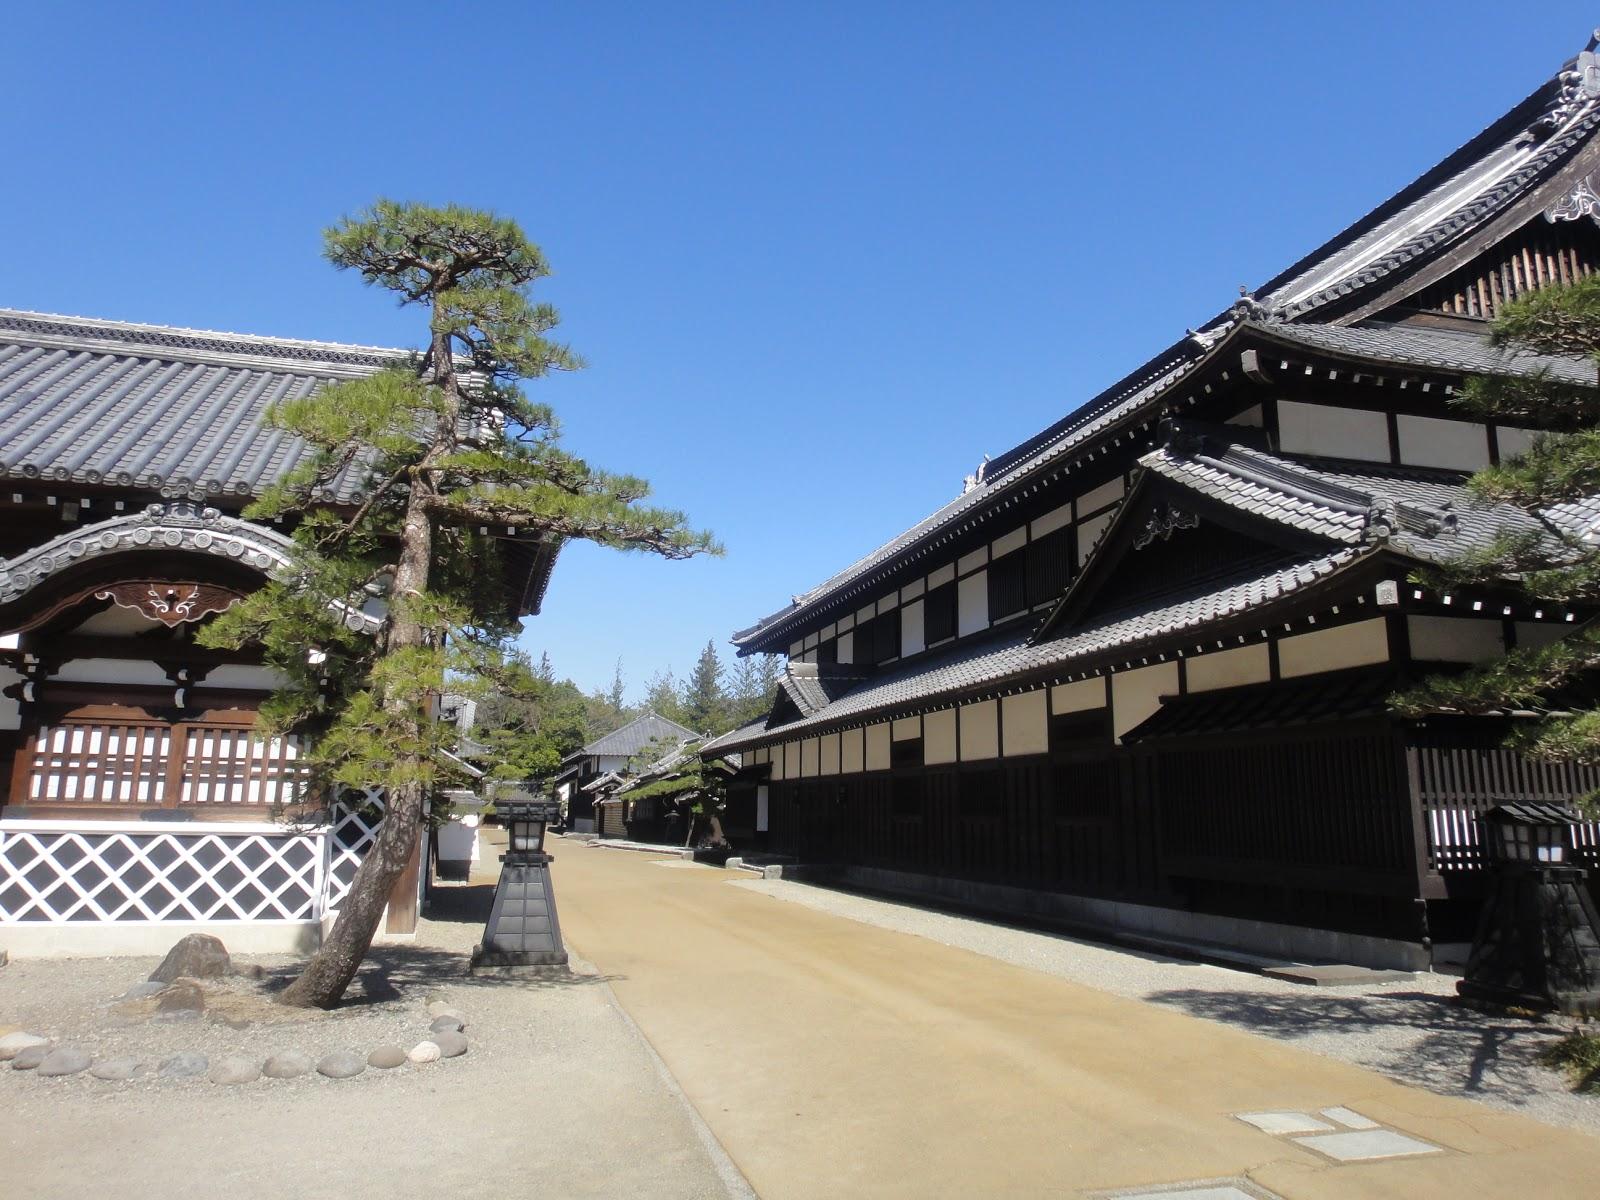 nikko day trip yamanote